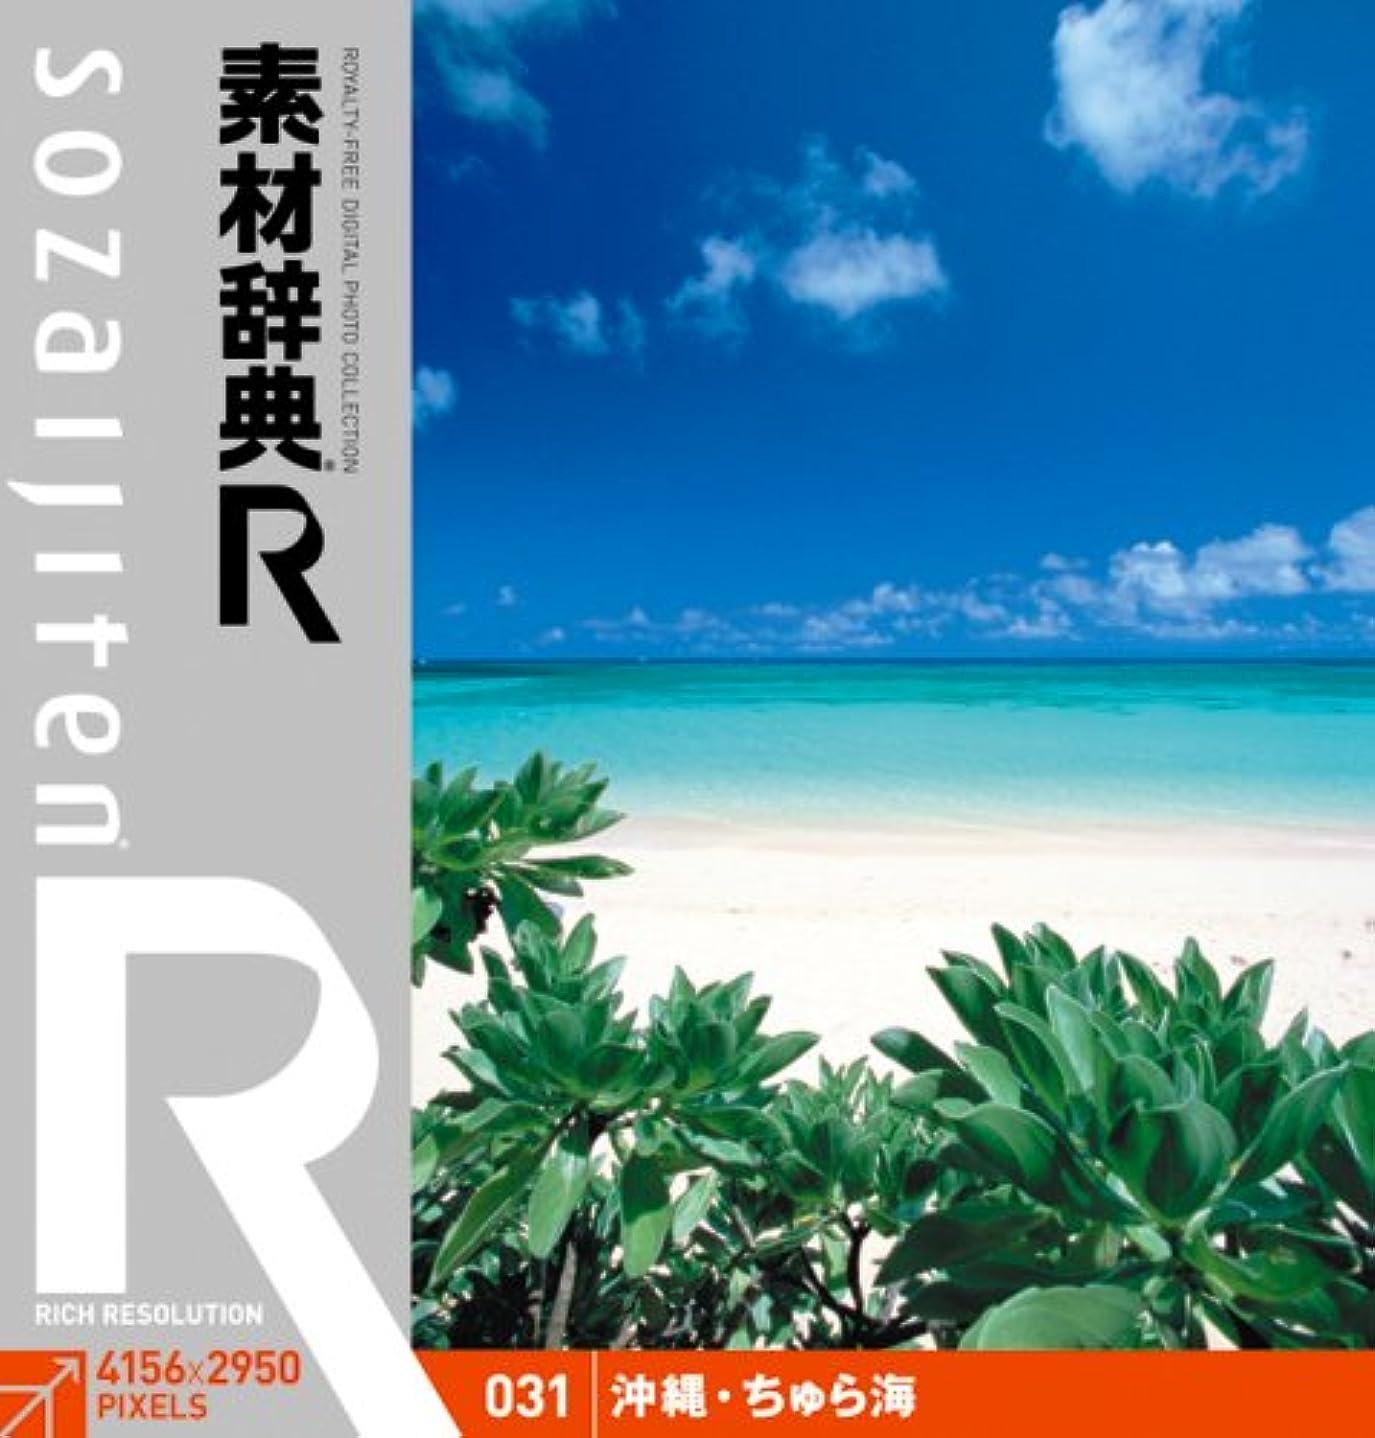 飾り羽幻想的店主素材辞典[R(アール)] 031 沖縄?ちゅら海